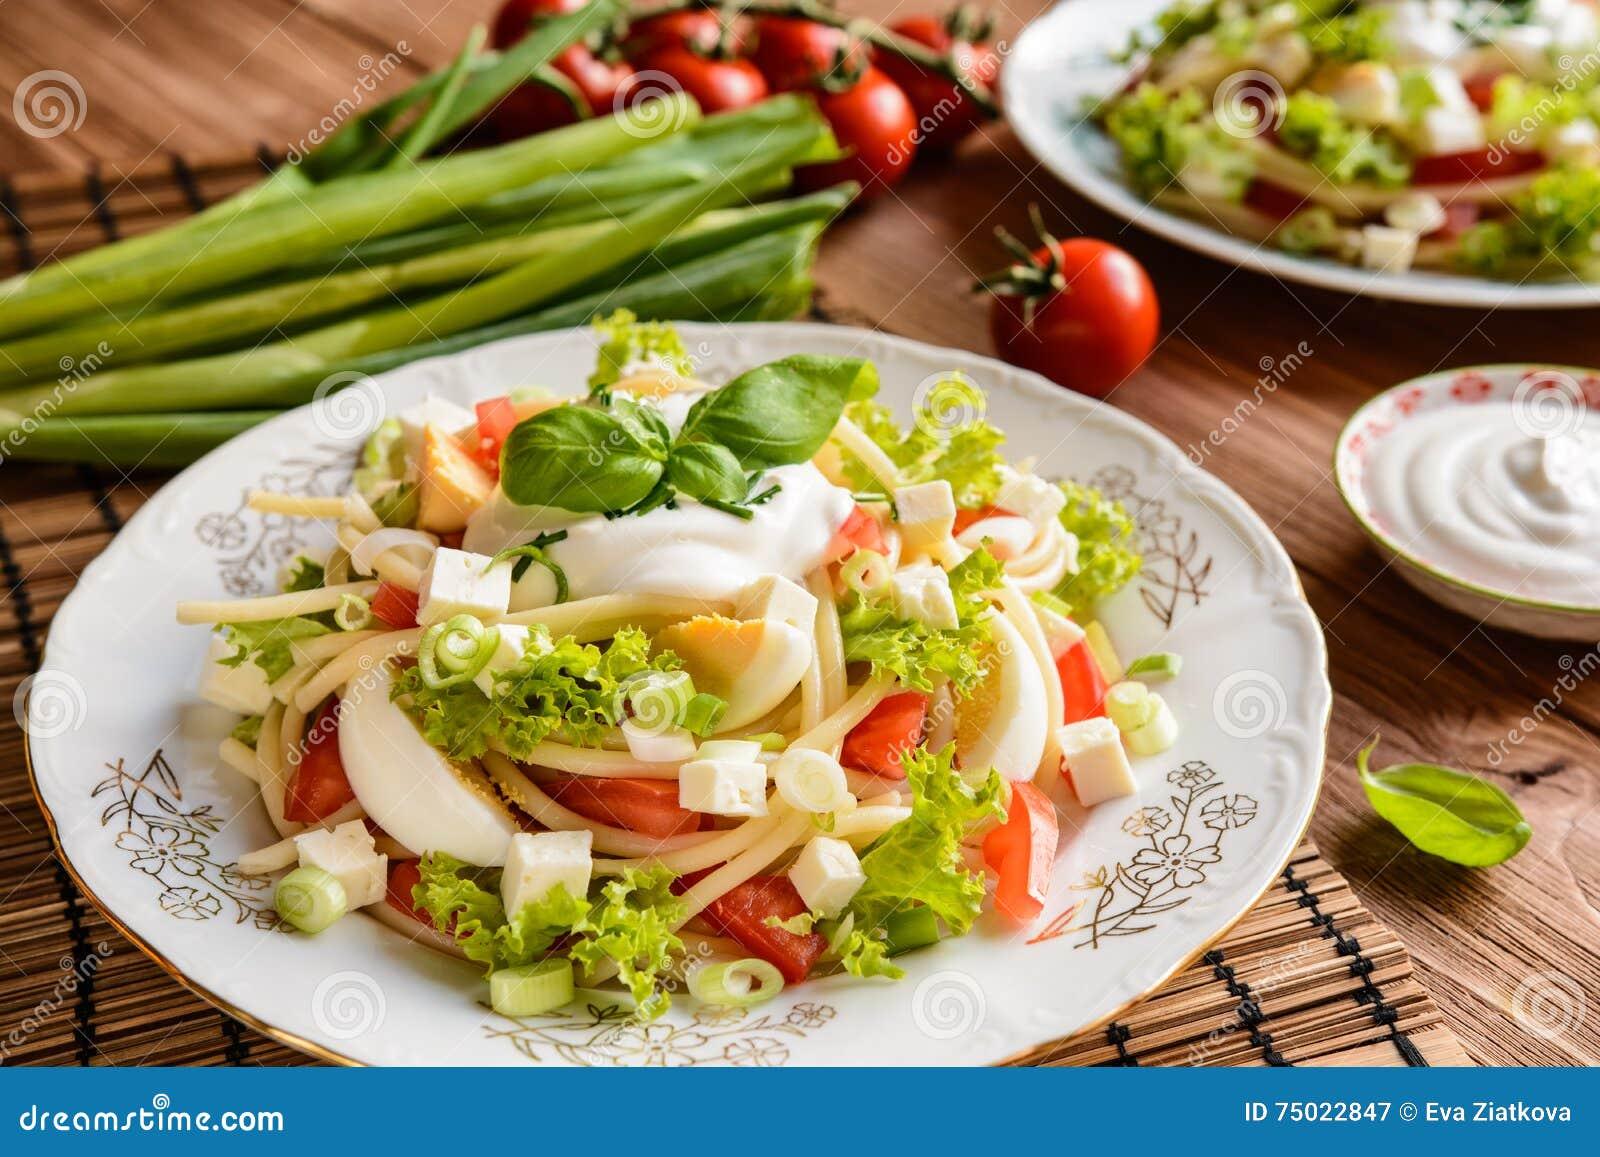 Seared Chicken with Creamy Spinach and Artichokes pics